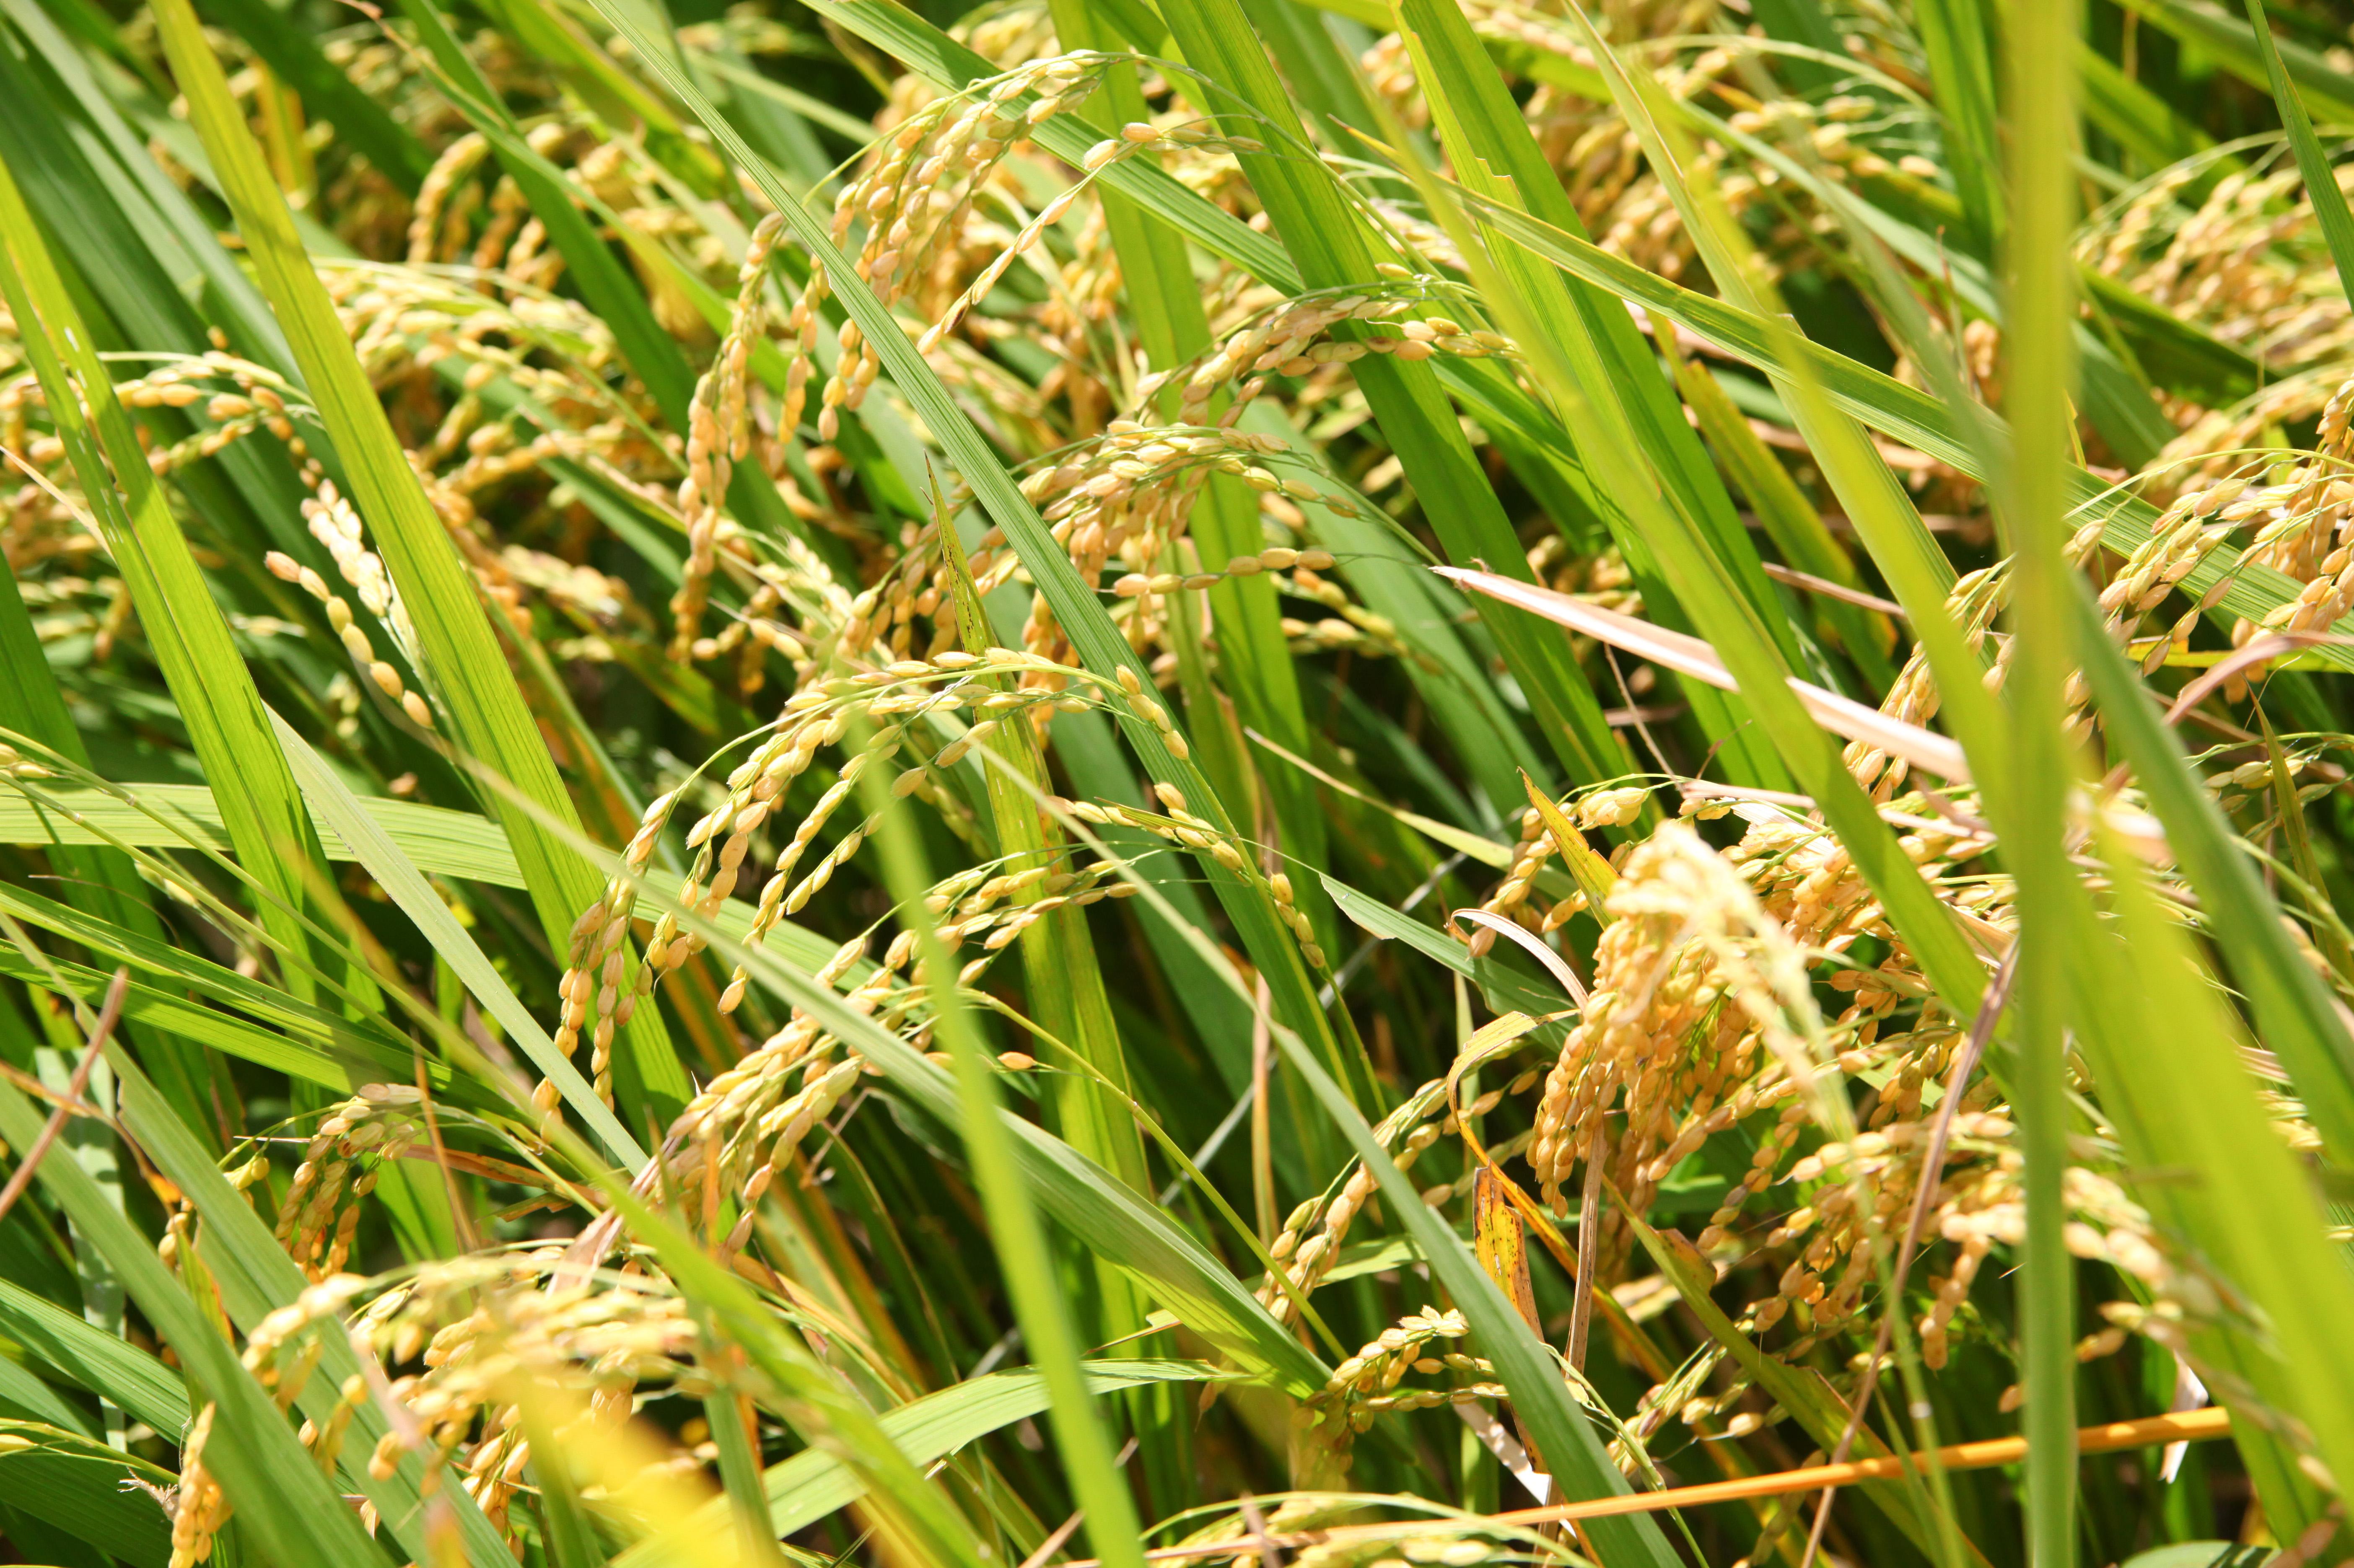 新発田市の豊かな自然がコシヒカリの旨みを引き出す